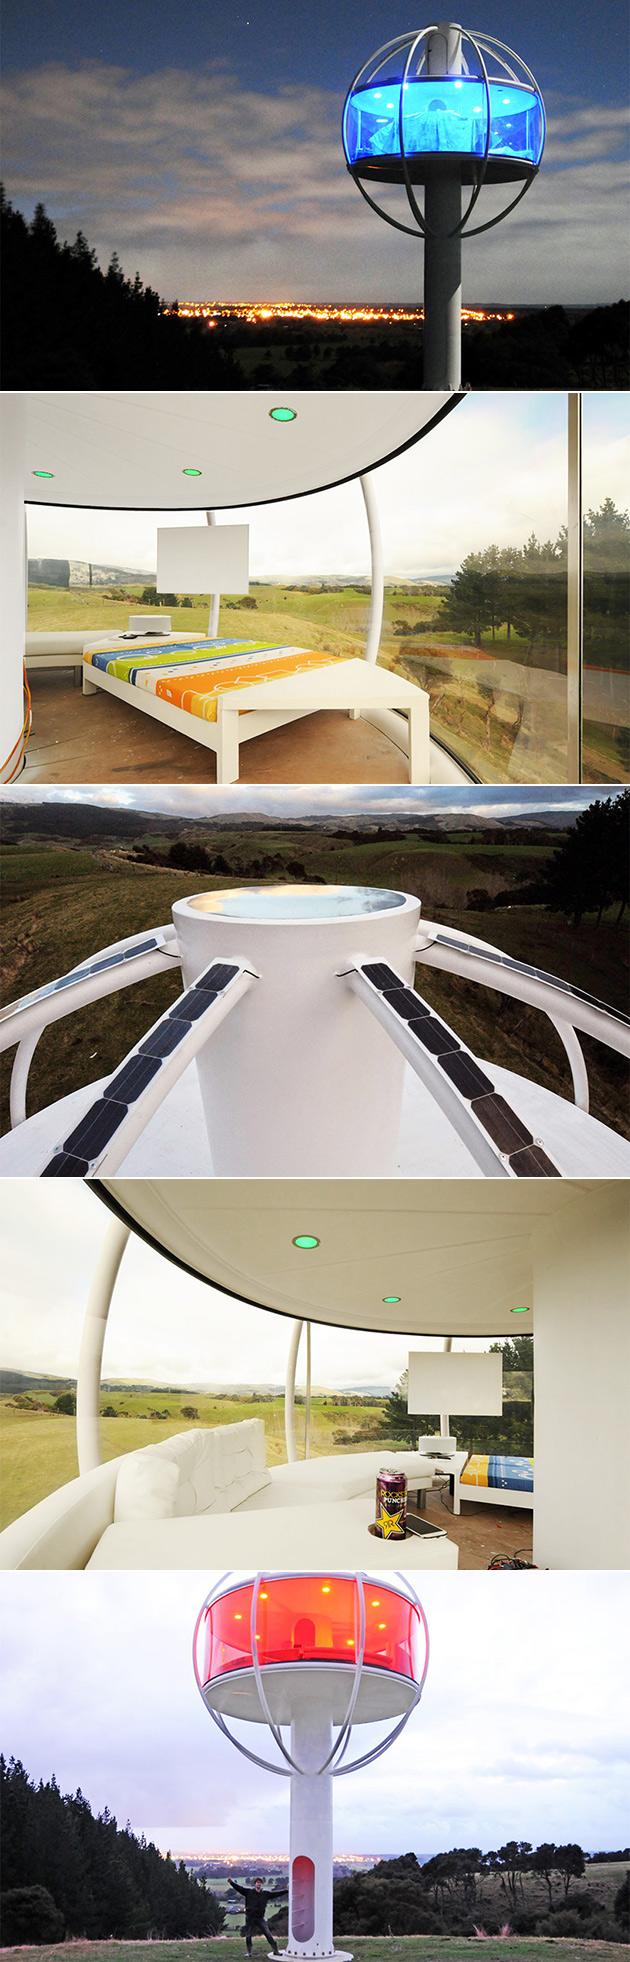 futuristische ufo haus gesteuert werden kann komplett mit. Black Bedroom Furniture Sets. Home Design Ideas